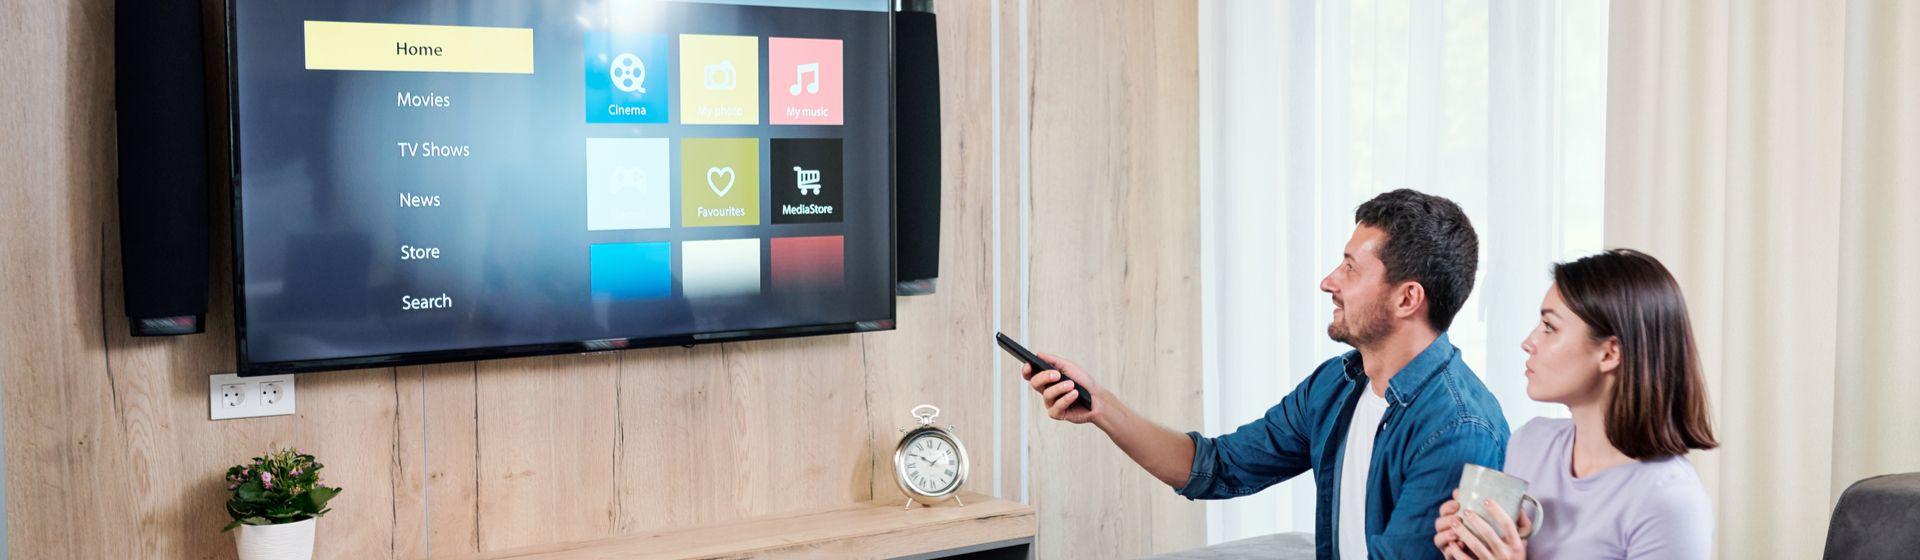 Como colocar internet na TV que não é smart?